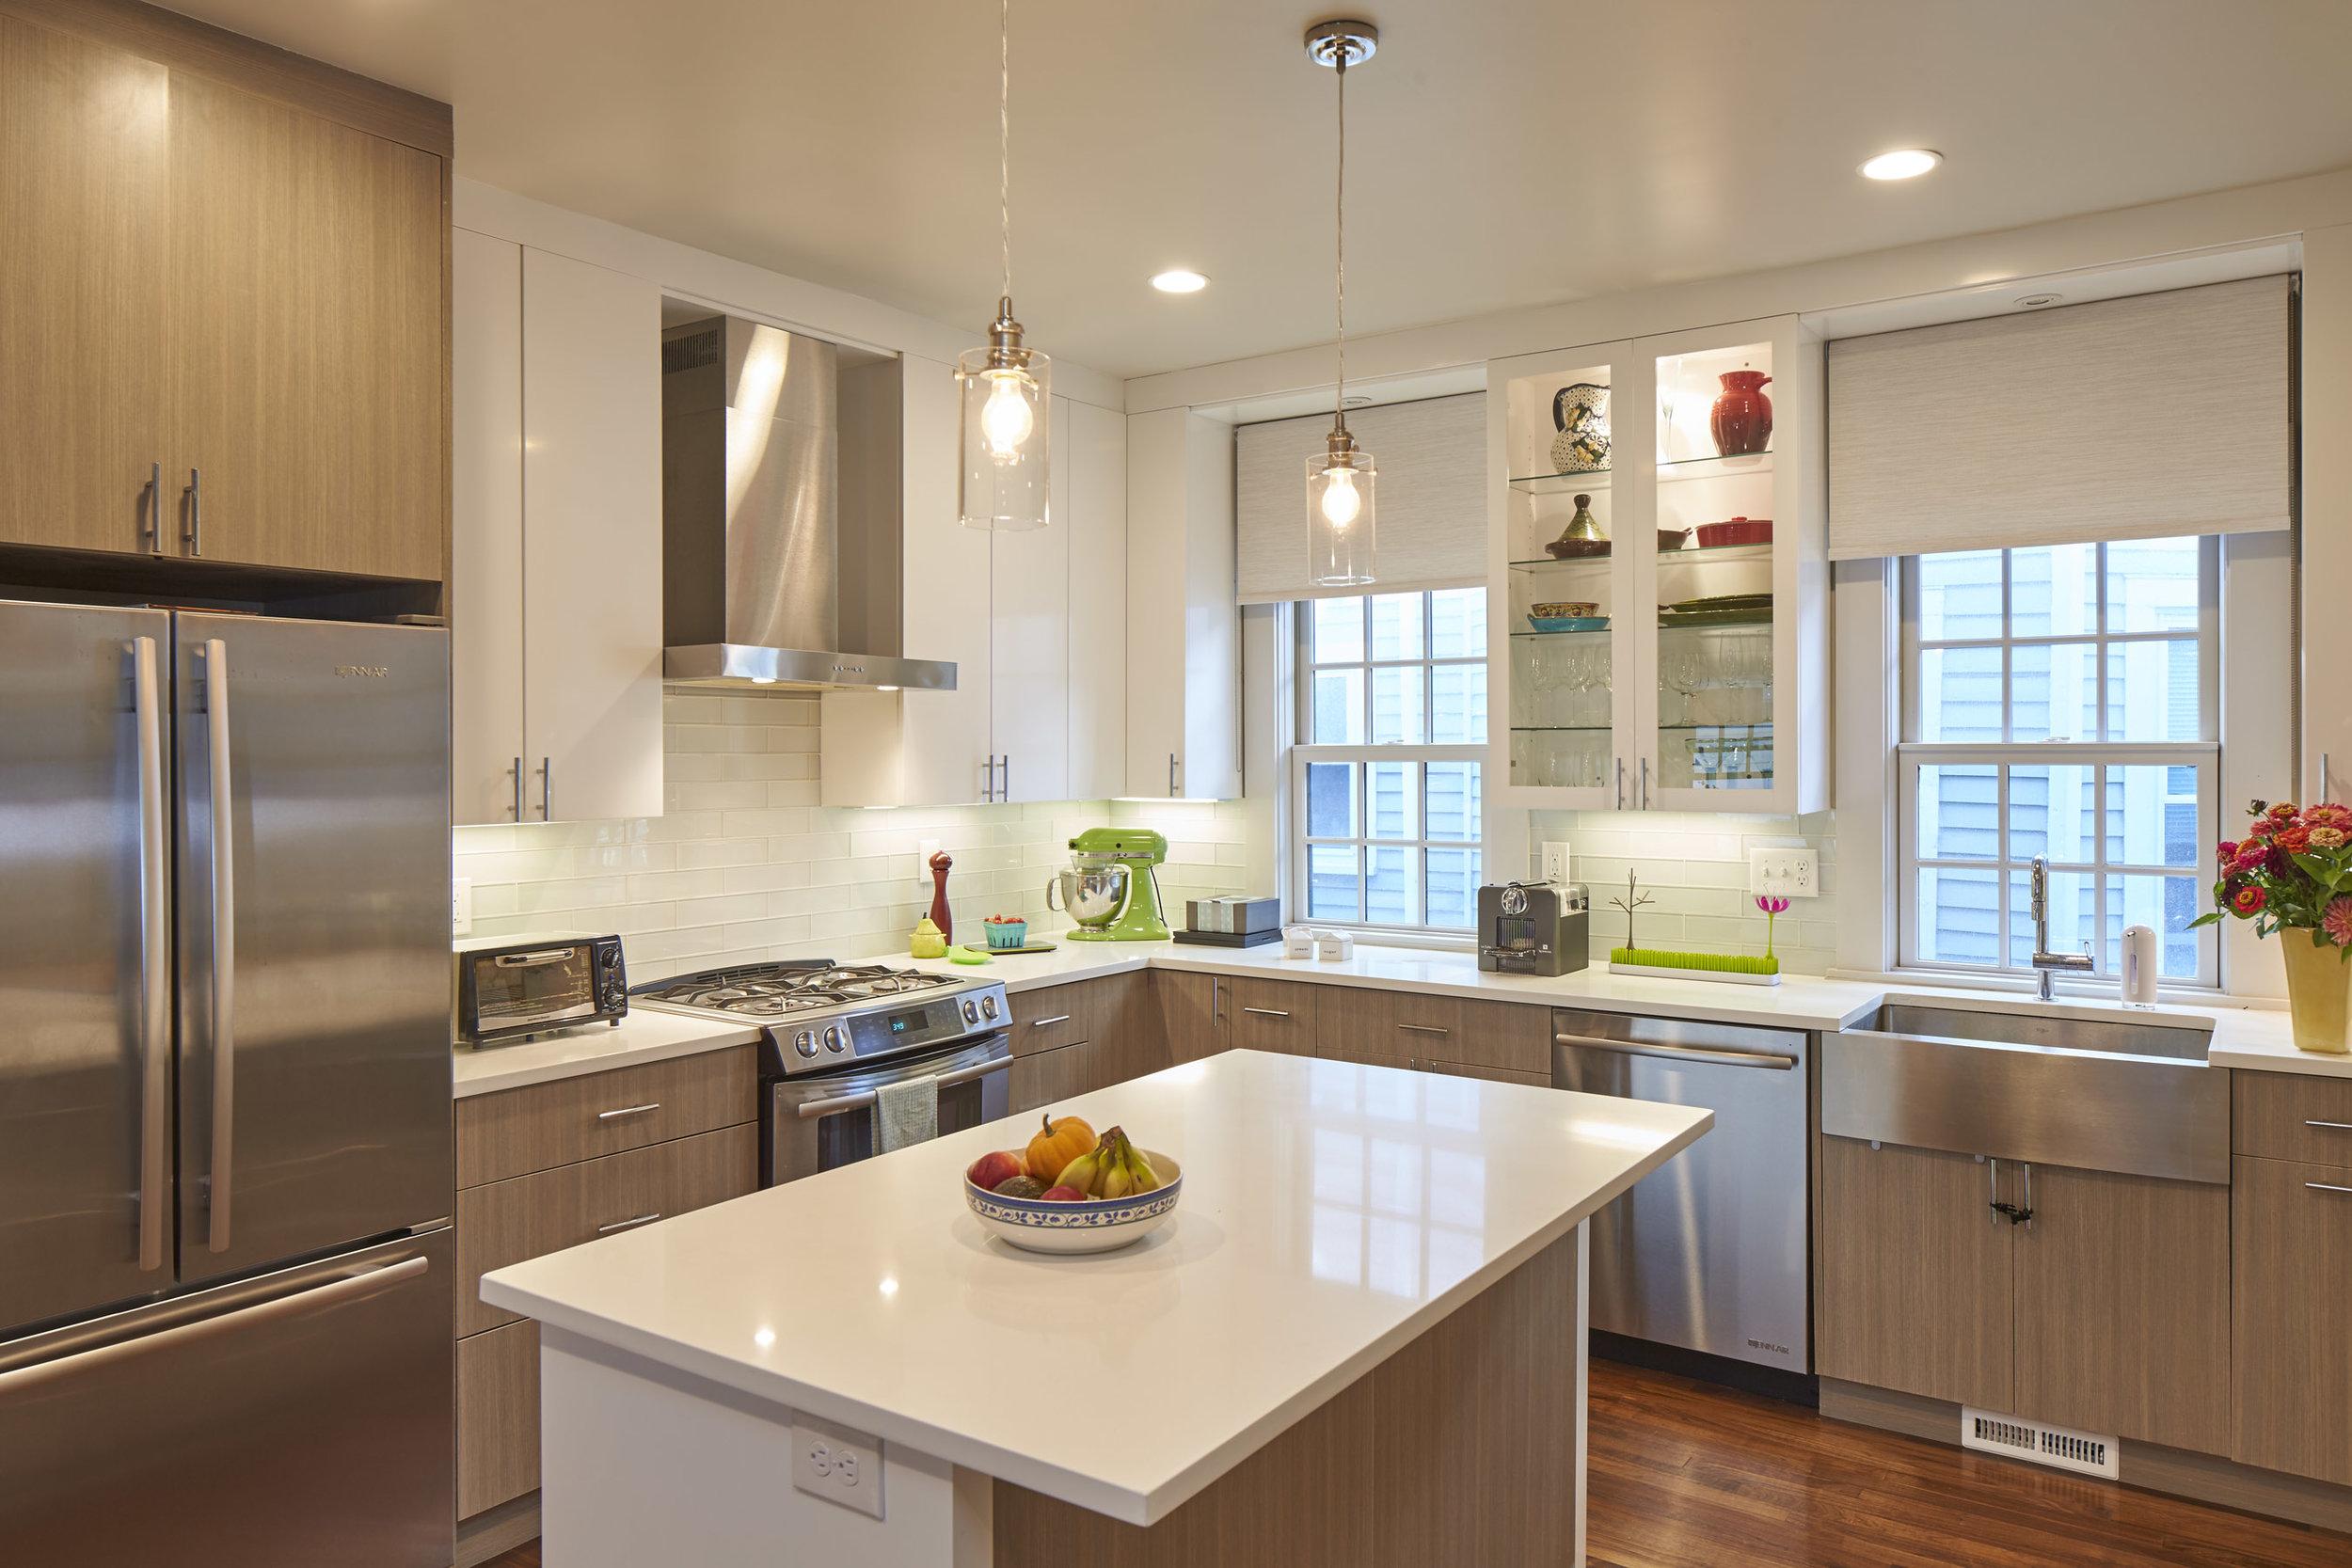 159_fayerweather_st_kitchen.jpg